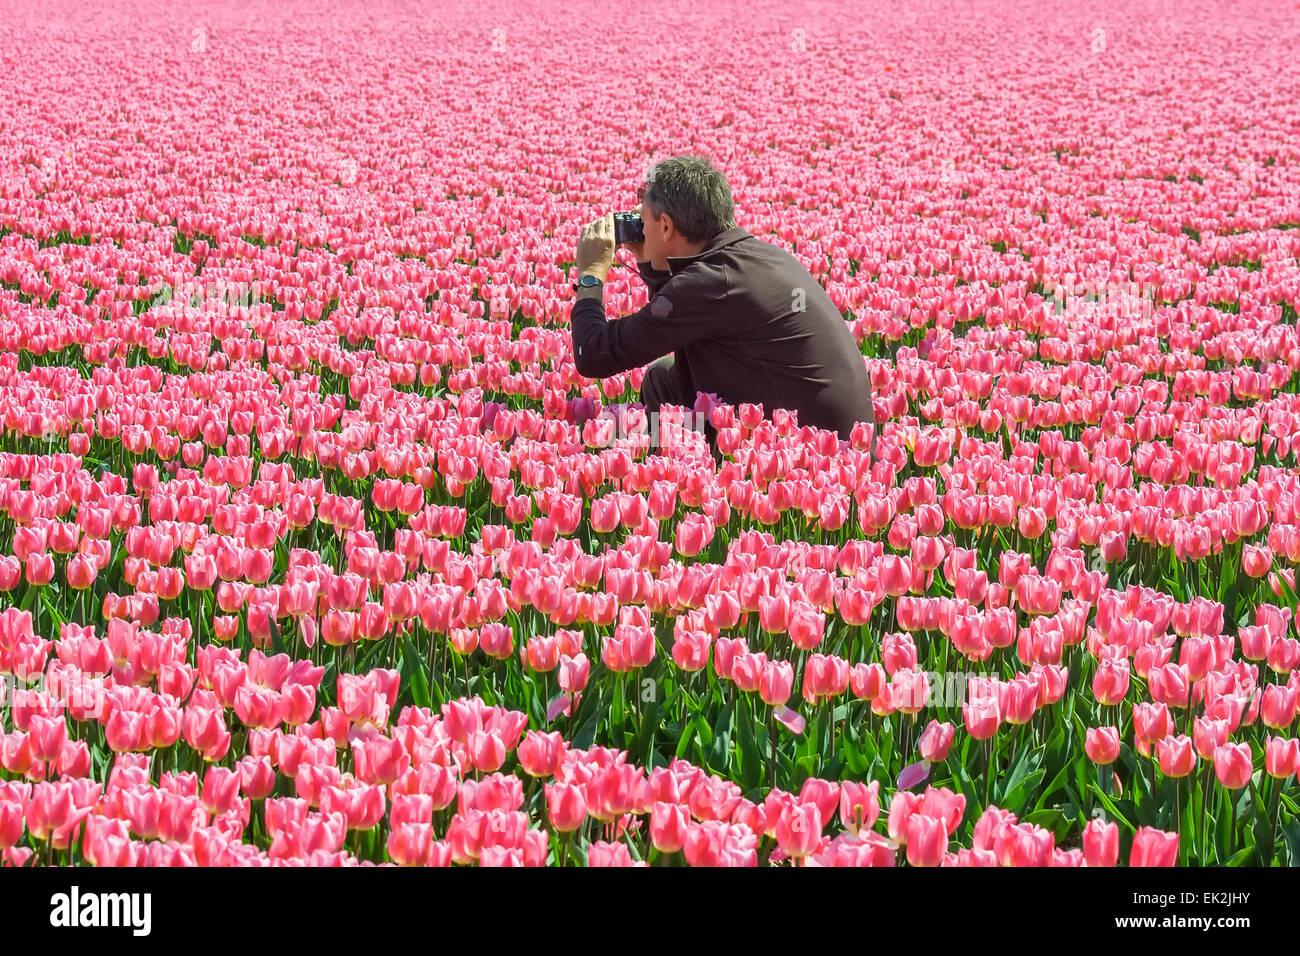 Mann, die Aufnahme eines Bildes in ein Tulpenfeld Stockbild